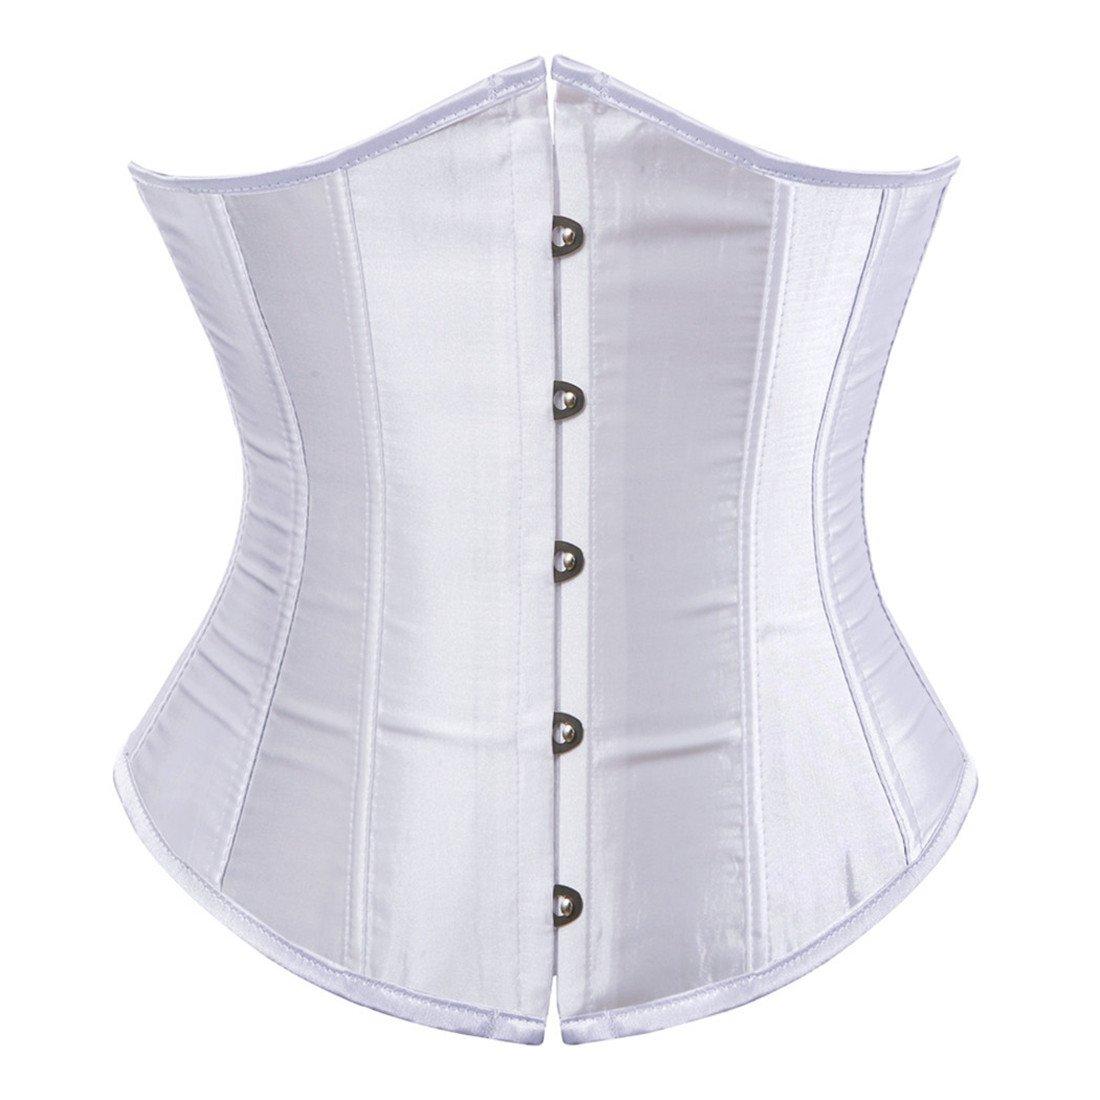 Zhitunemi Women's Satin Underbust Corset Bustier Waist Training Cincher Plus Size 6X-Large White